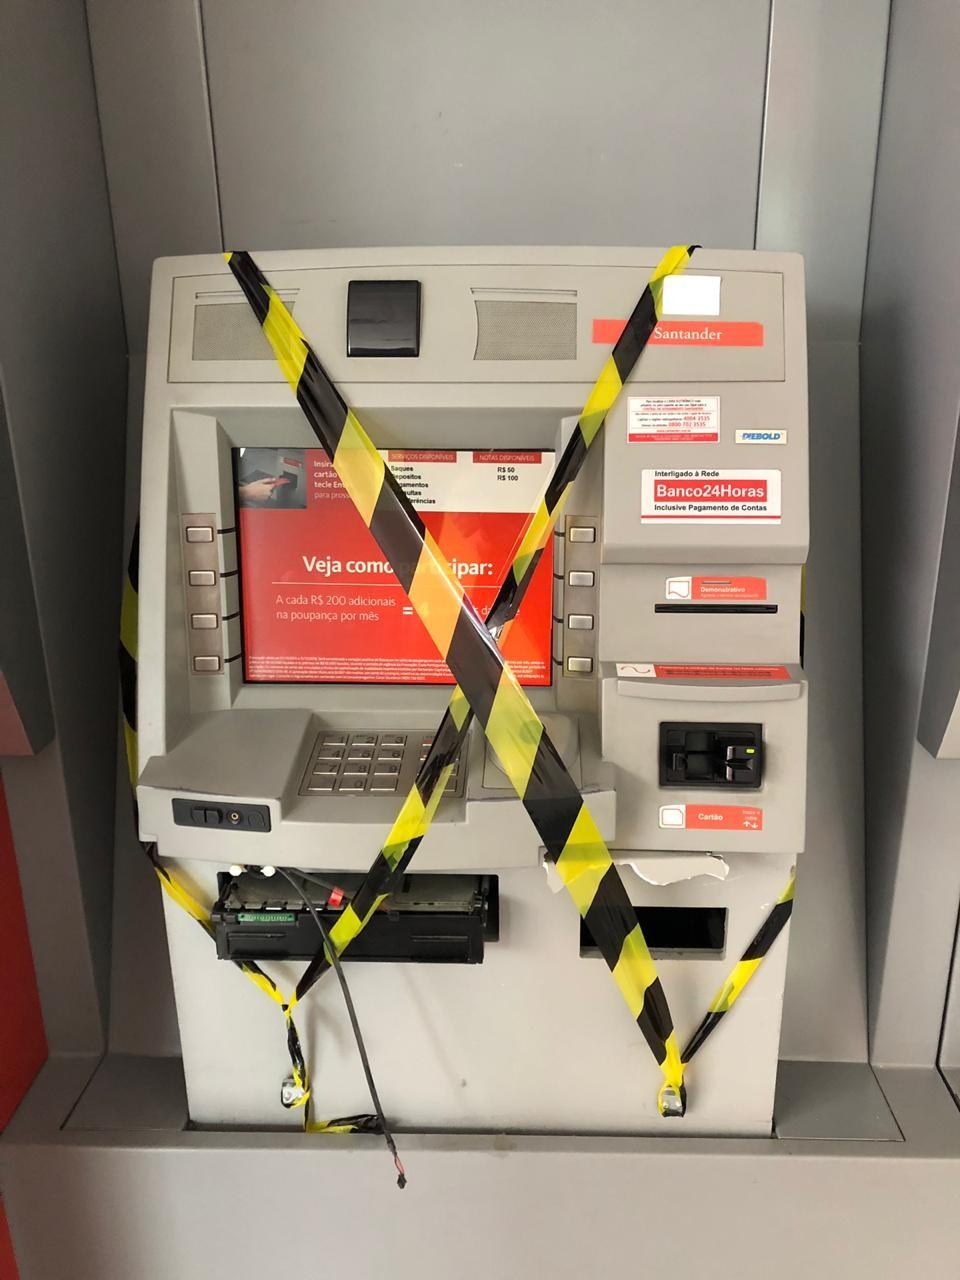 Caixa eletrônico é arrombado em agência bancária de Itajaí - Radio Evangelho Gospel